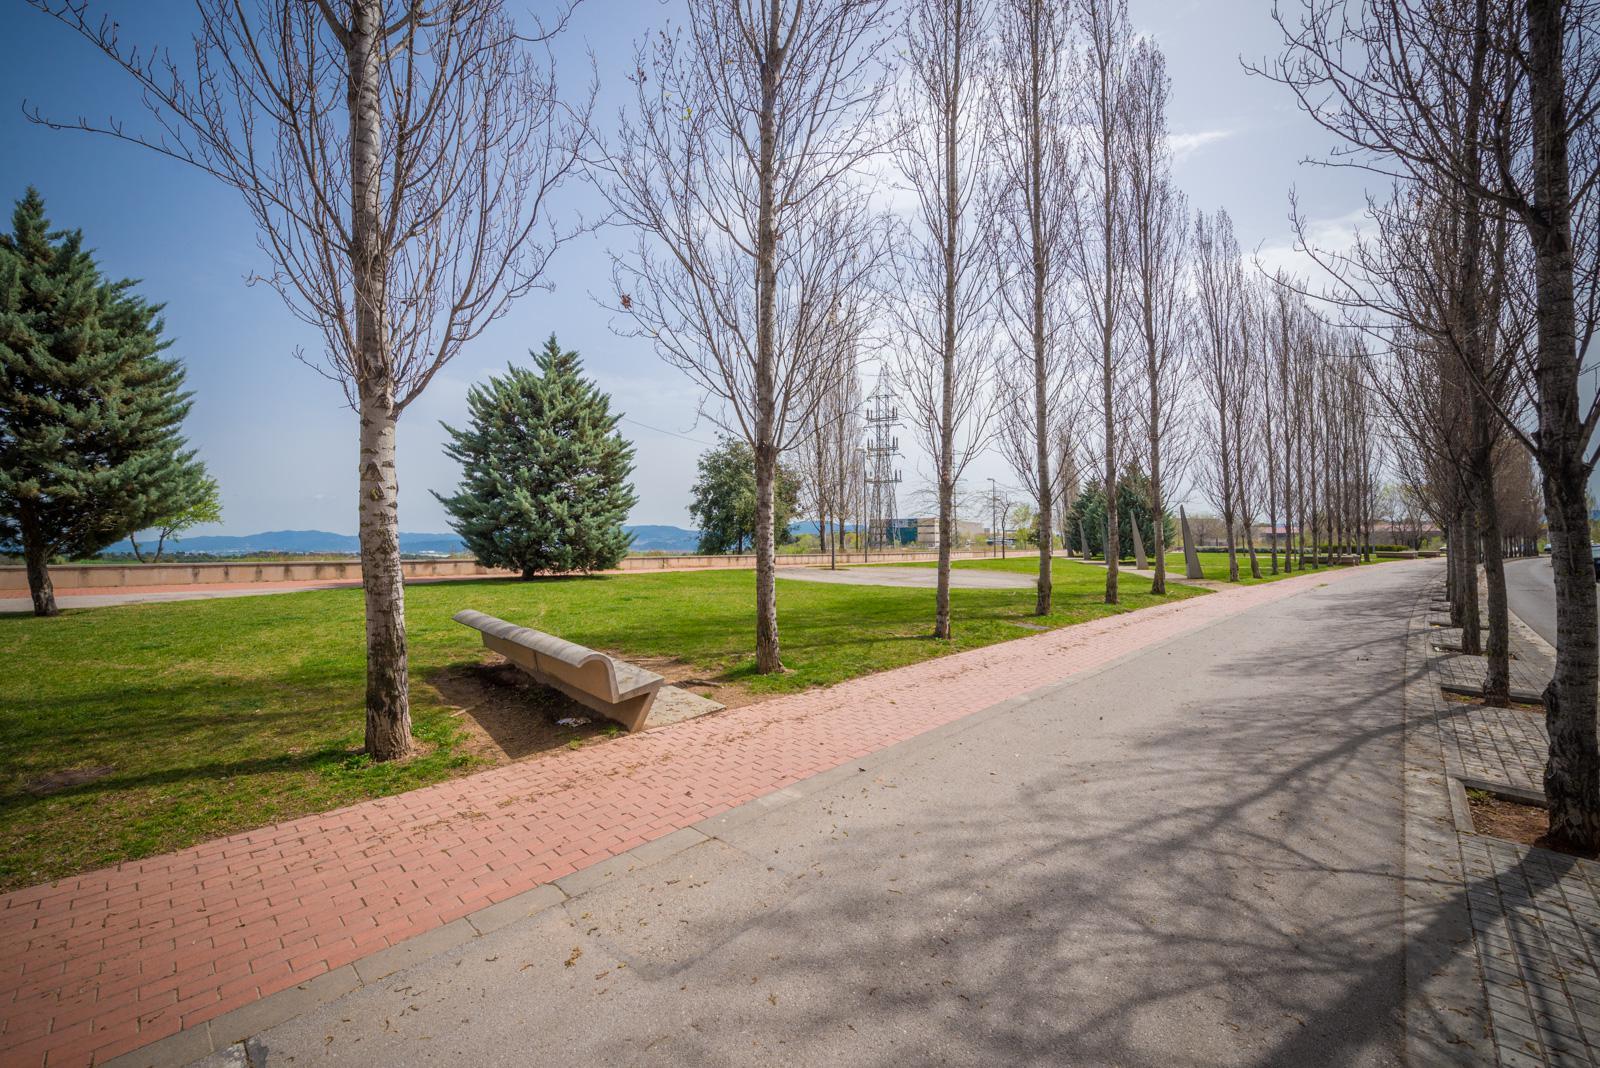 152701 - Jto. Zona Esportiva Torreromeu